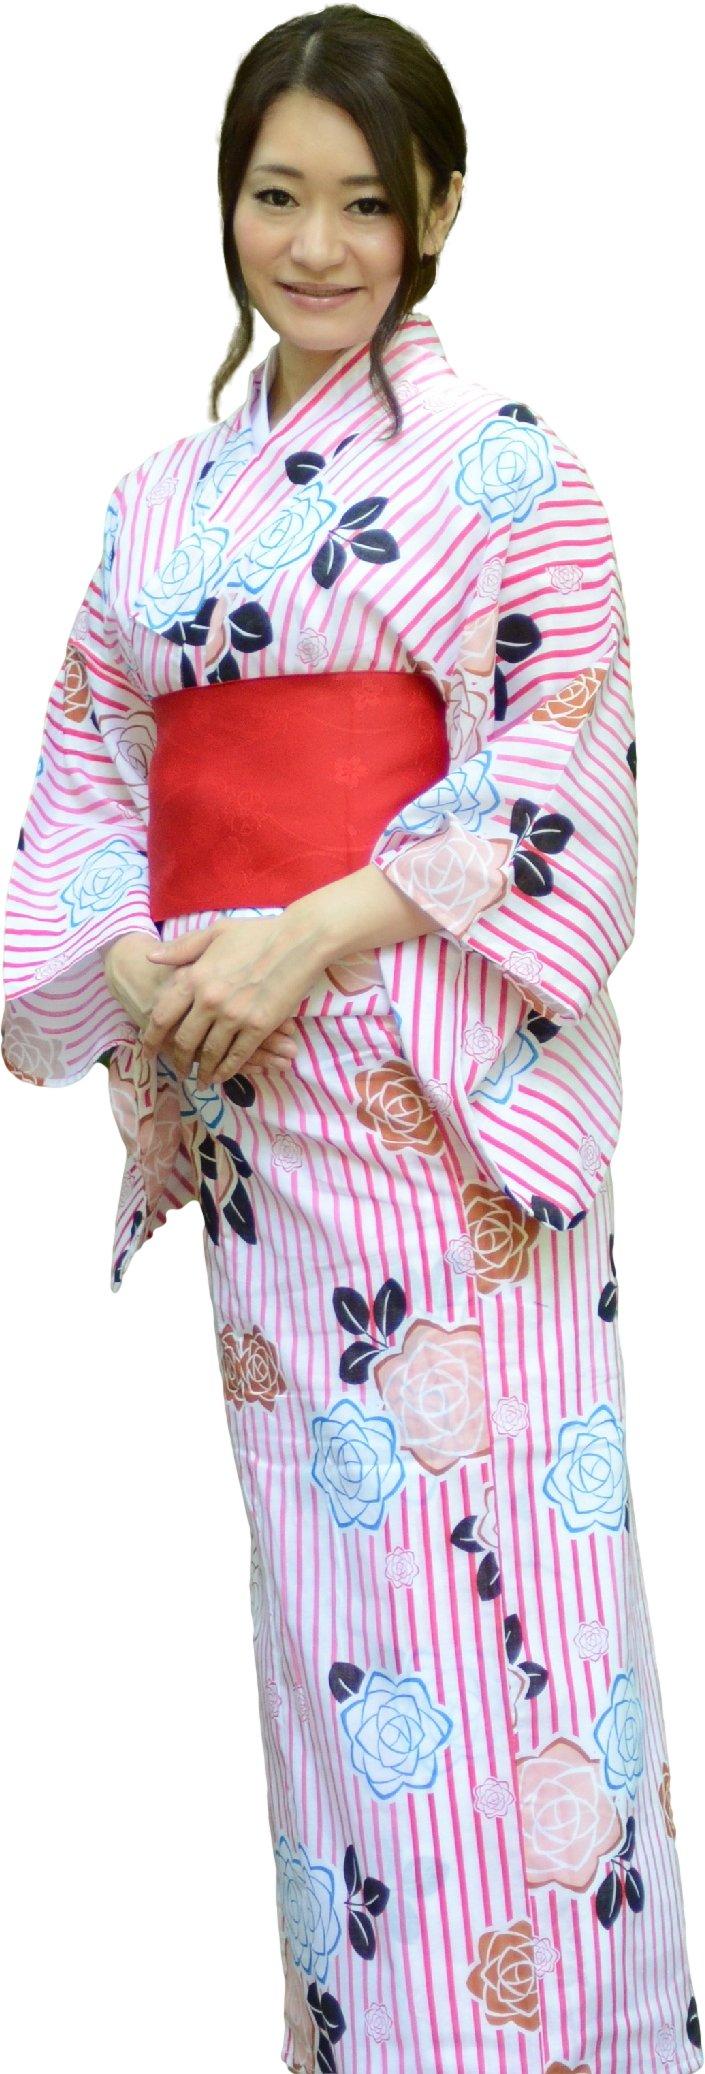 sakura Women Japanese Yukata Flat obi belt set / White and red strip rose pattern